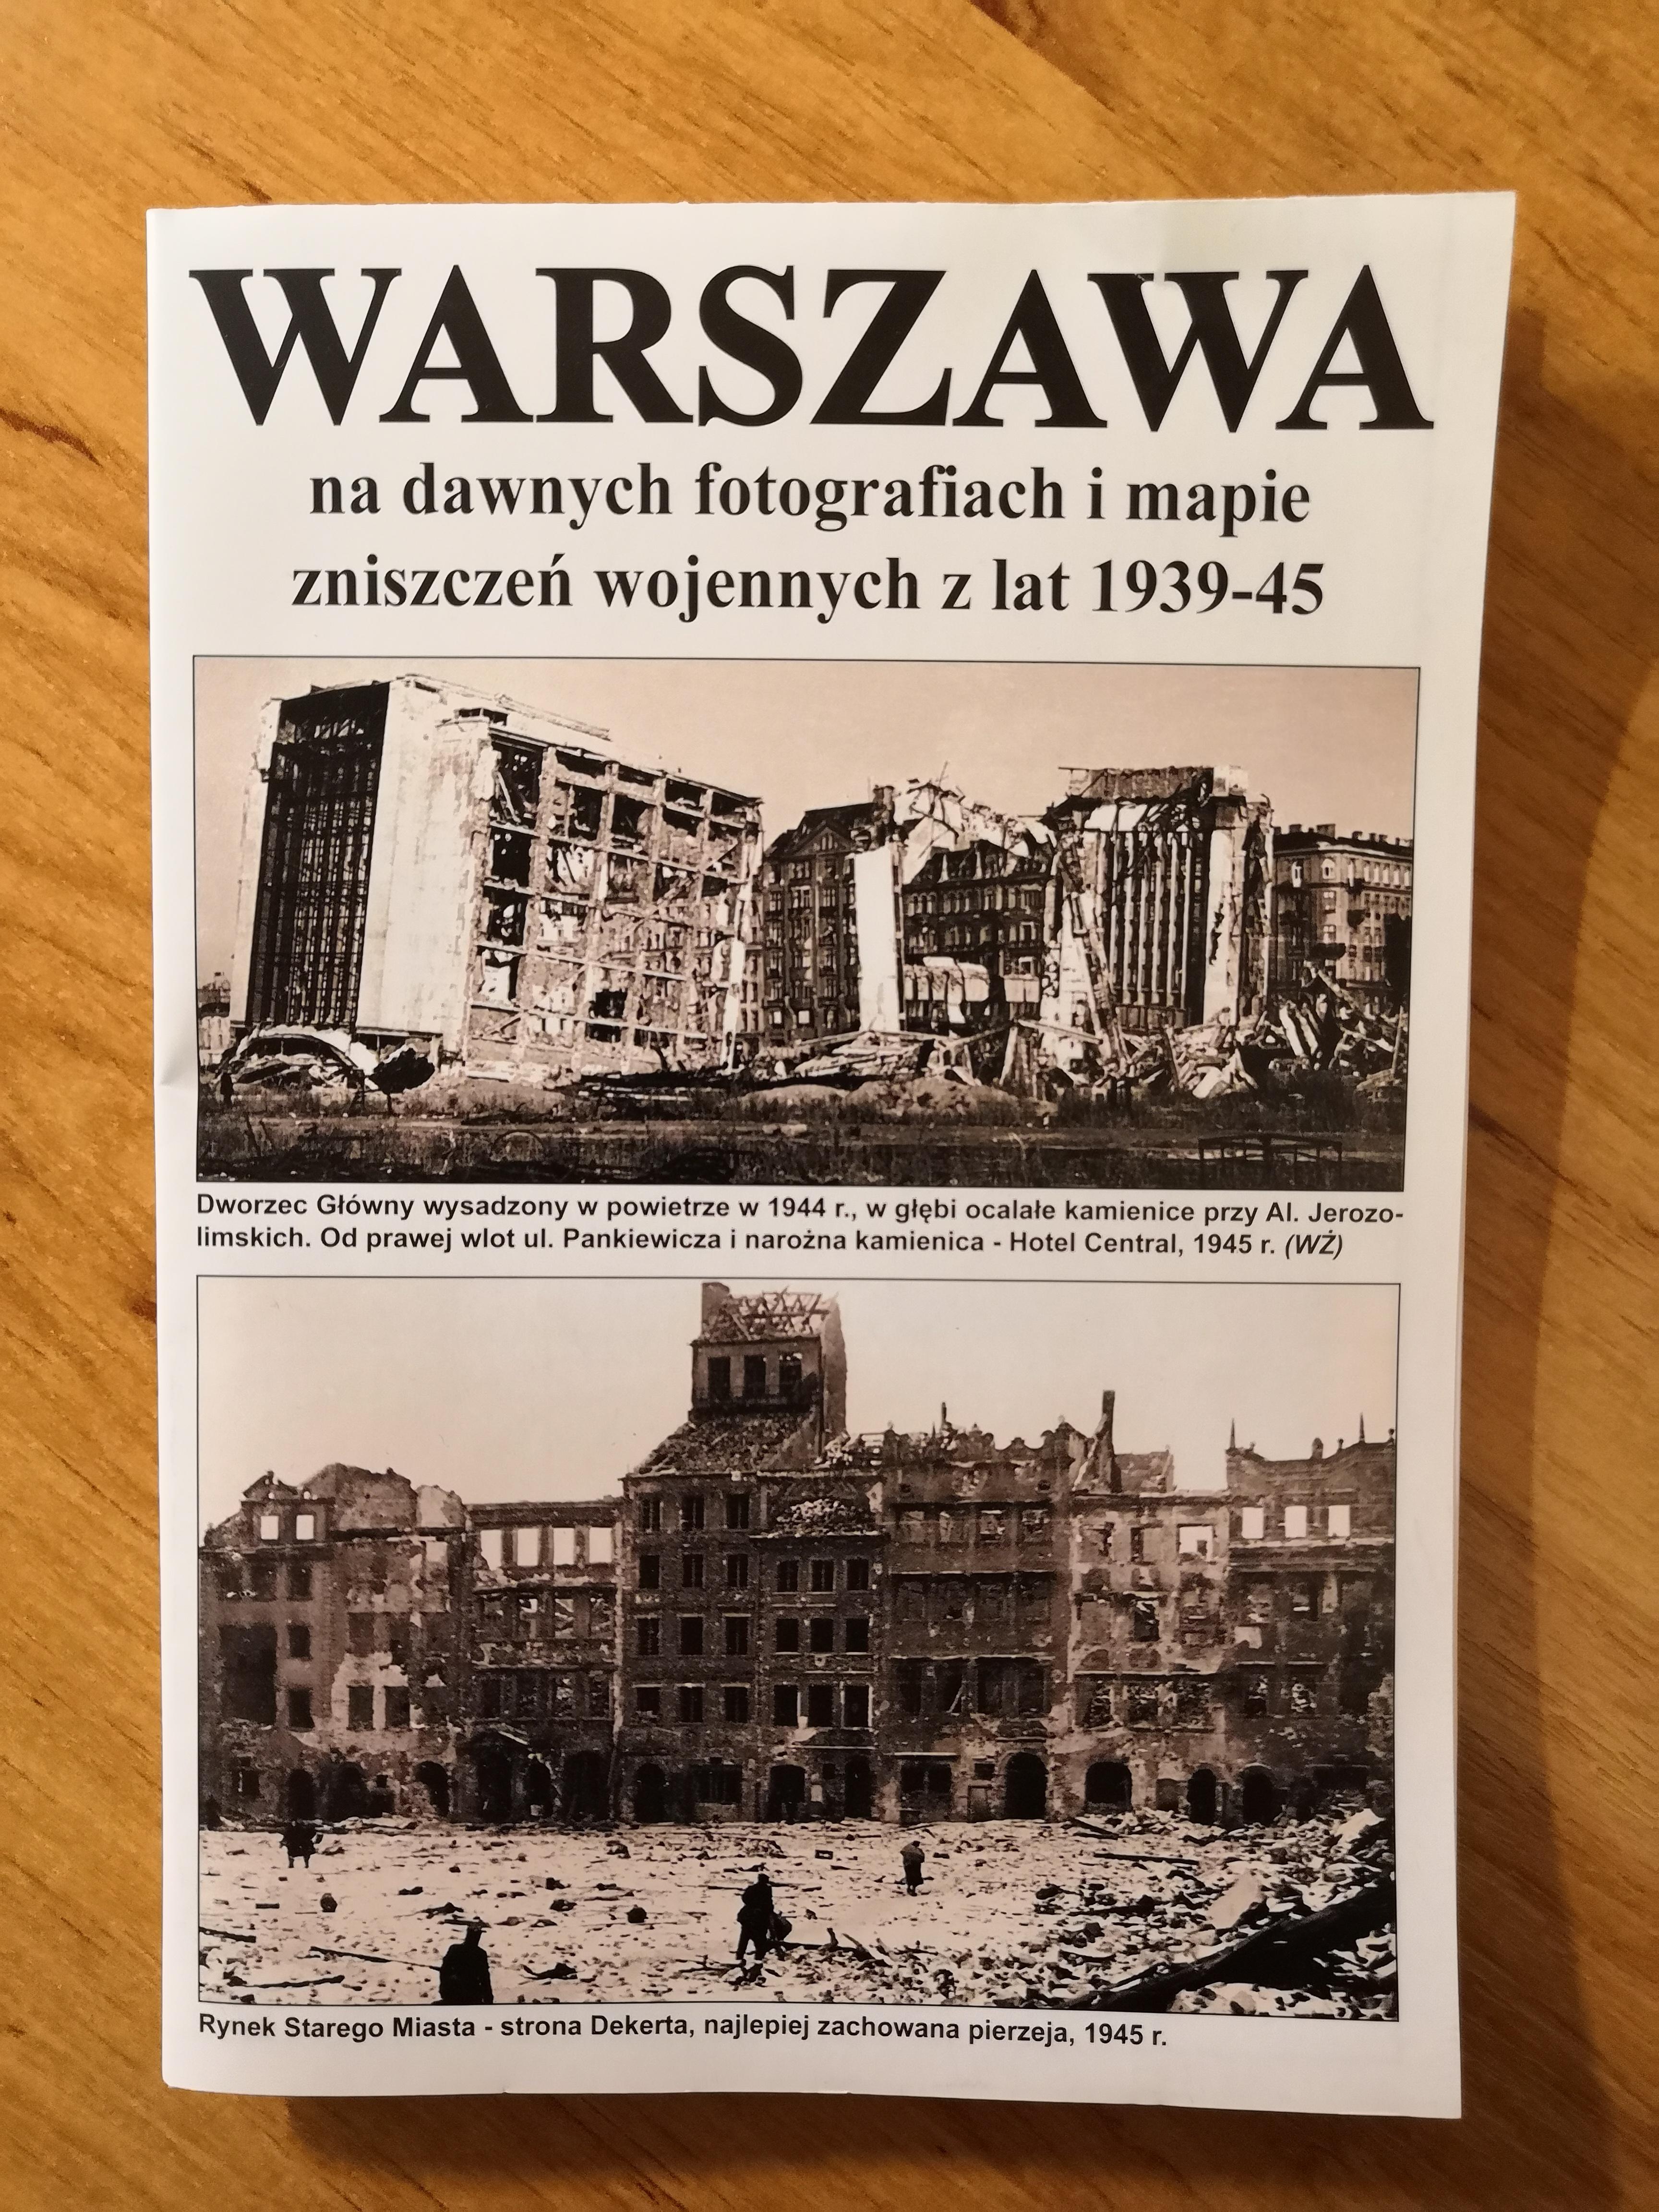 Warszawa na dawnych fotografiach i mapie zniszczeń wojennych z lat 1939-45 (J.A.Krawczyk)